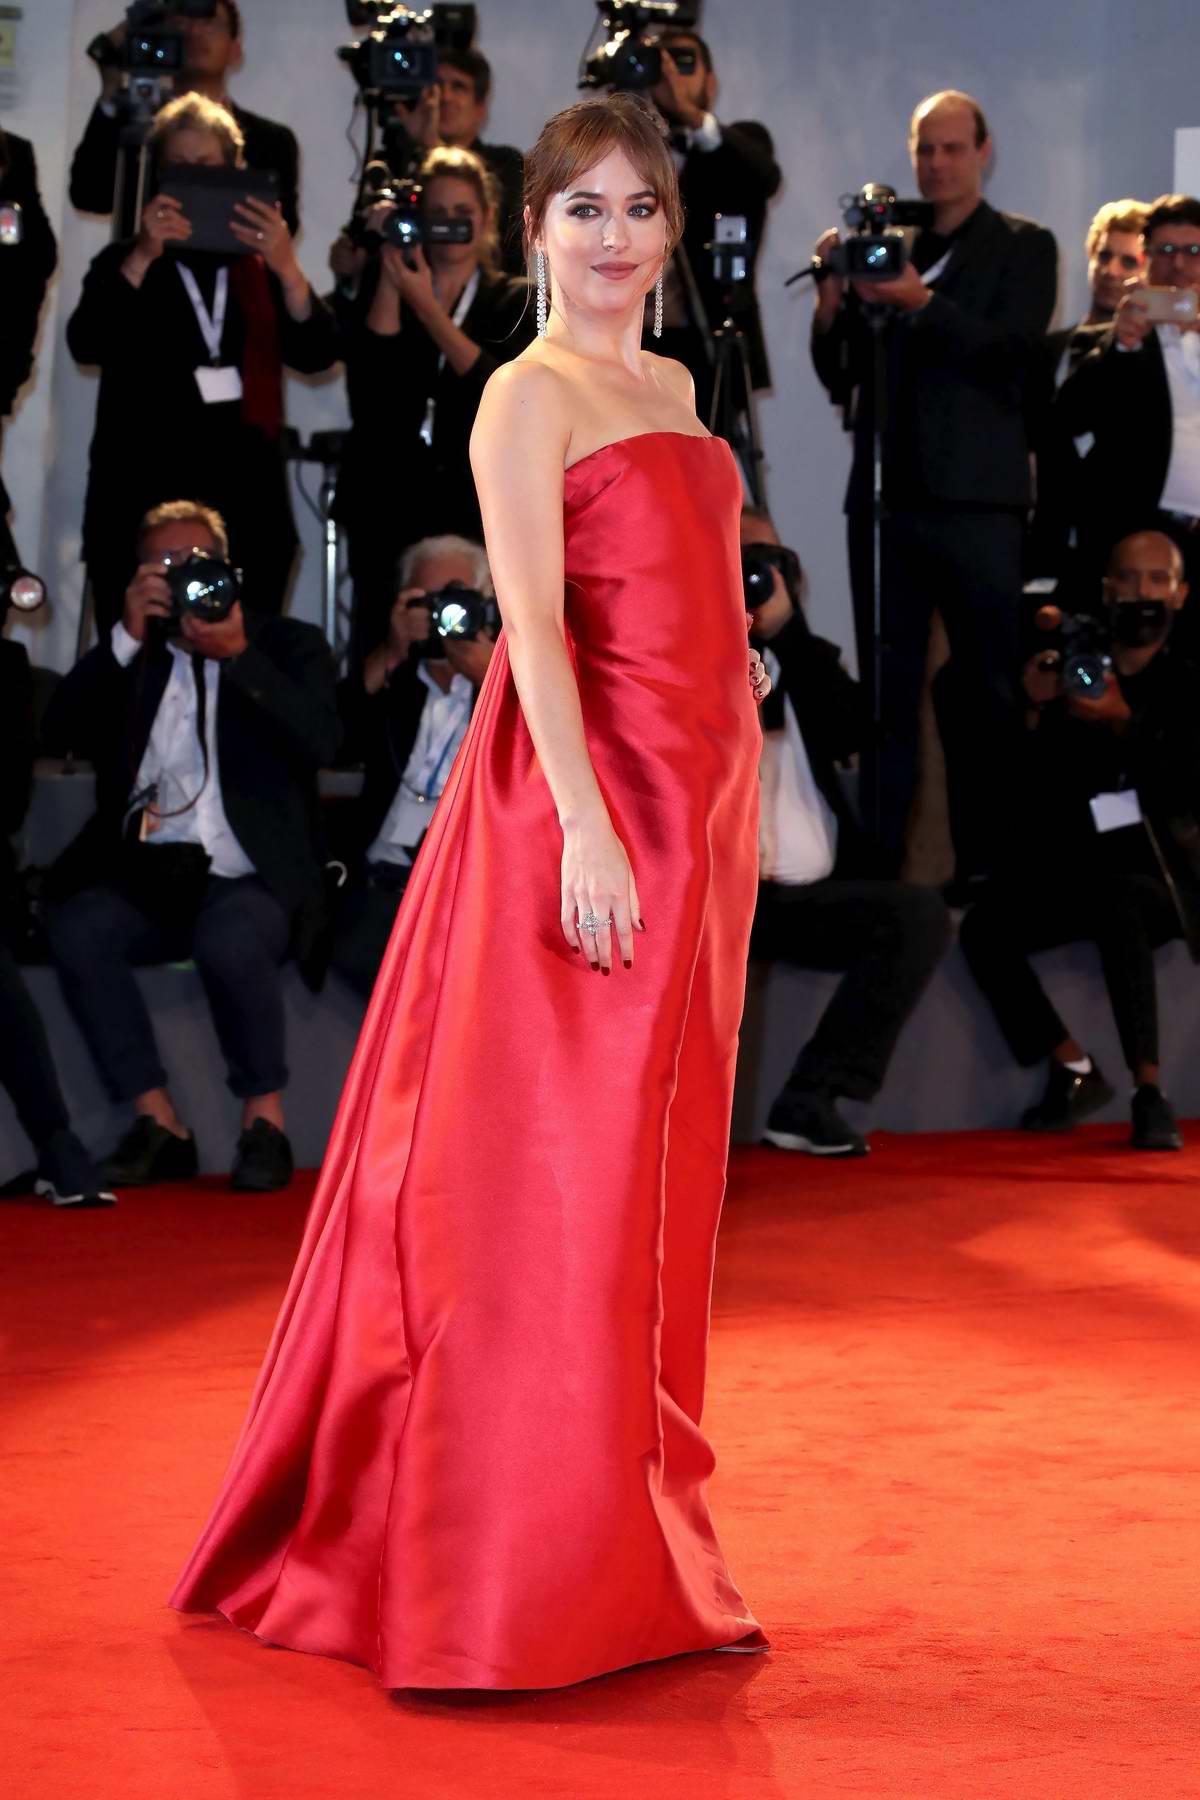 Dakota Johnson attends 'Suspiria' premiere during 75th Venice Film Festival in Venice, Italy